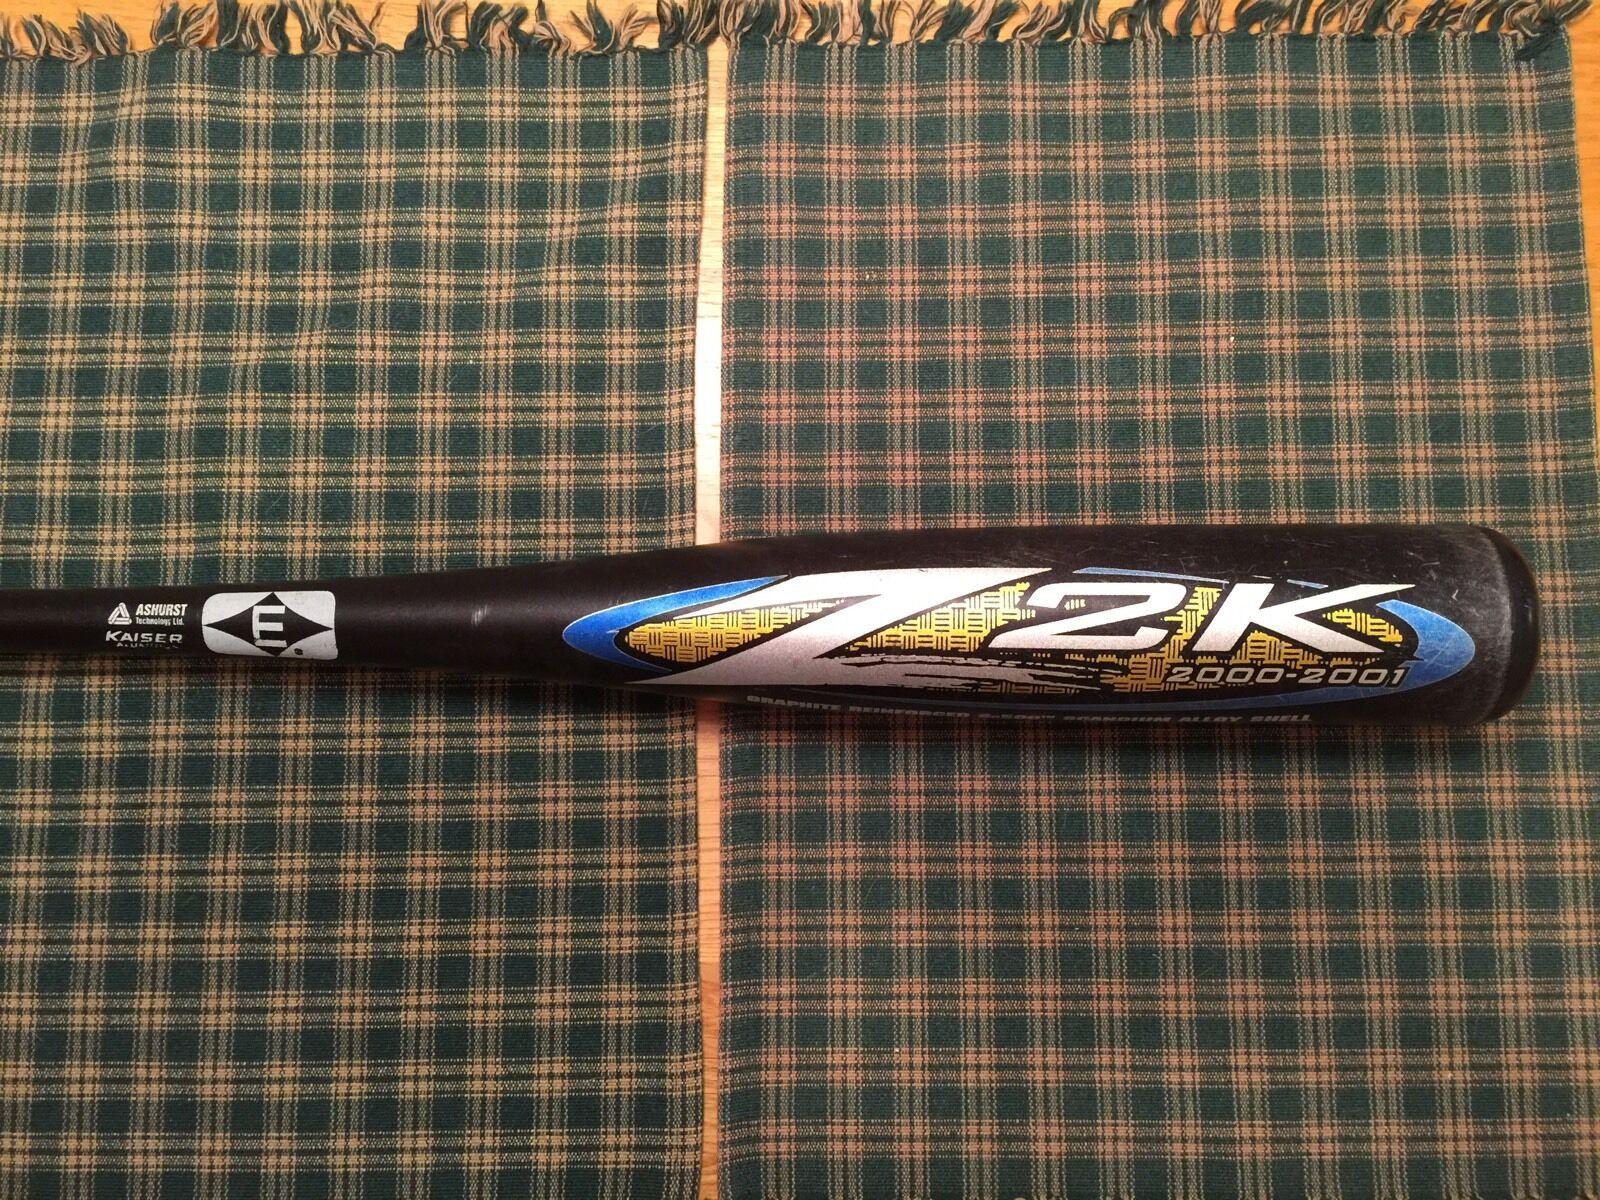 Raro  Easton z2k Zcore sc500 aleación 32 27 2 3 4 Barril bate de béisbol (-5) bz2-k